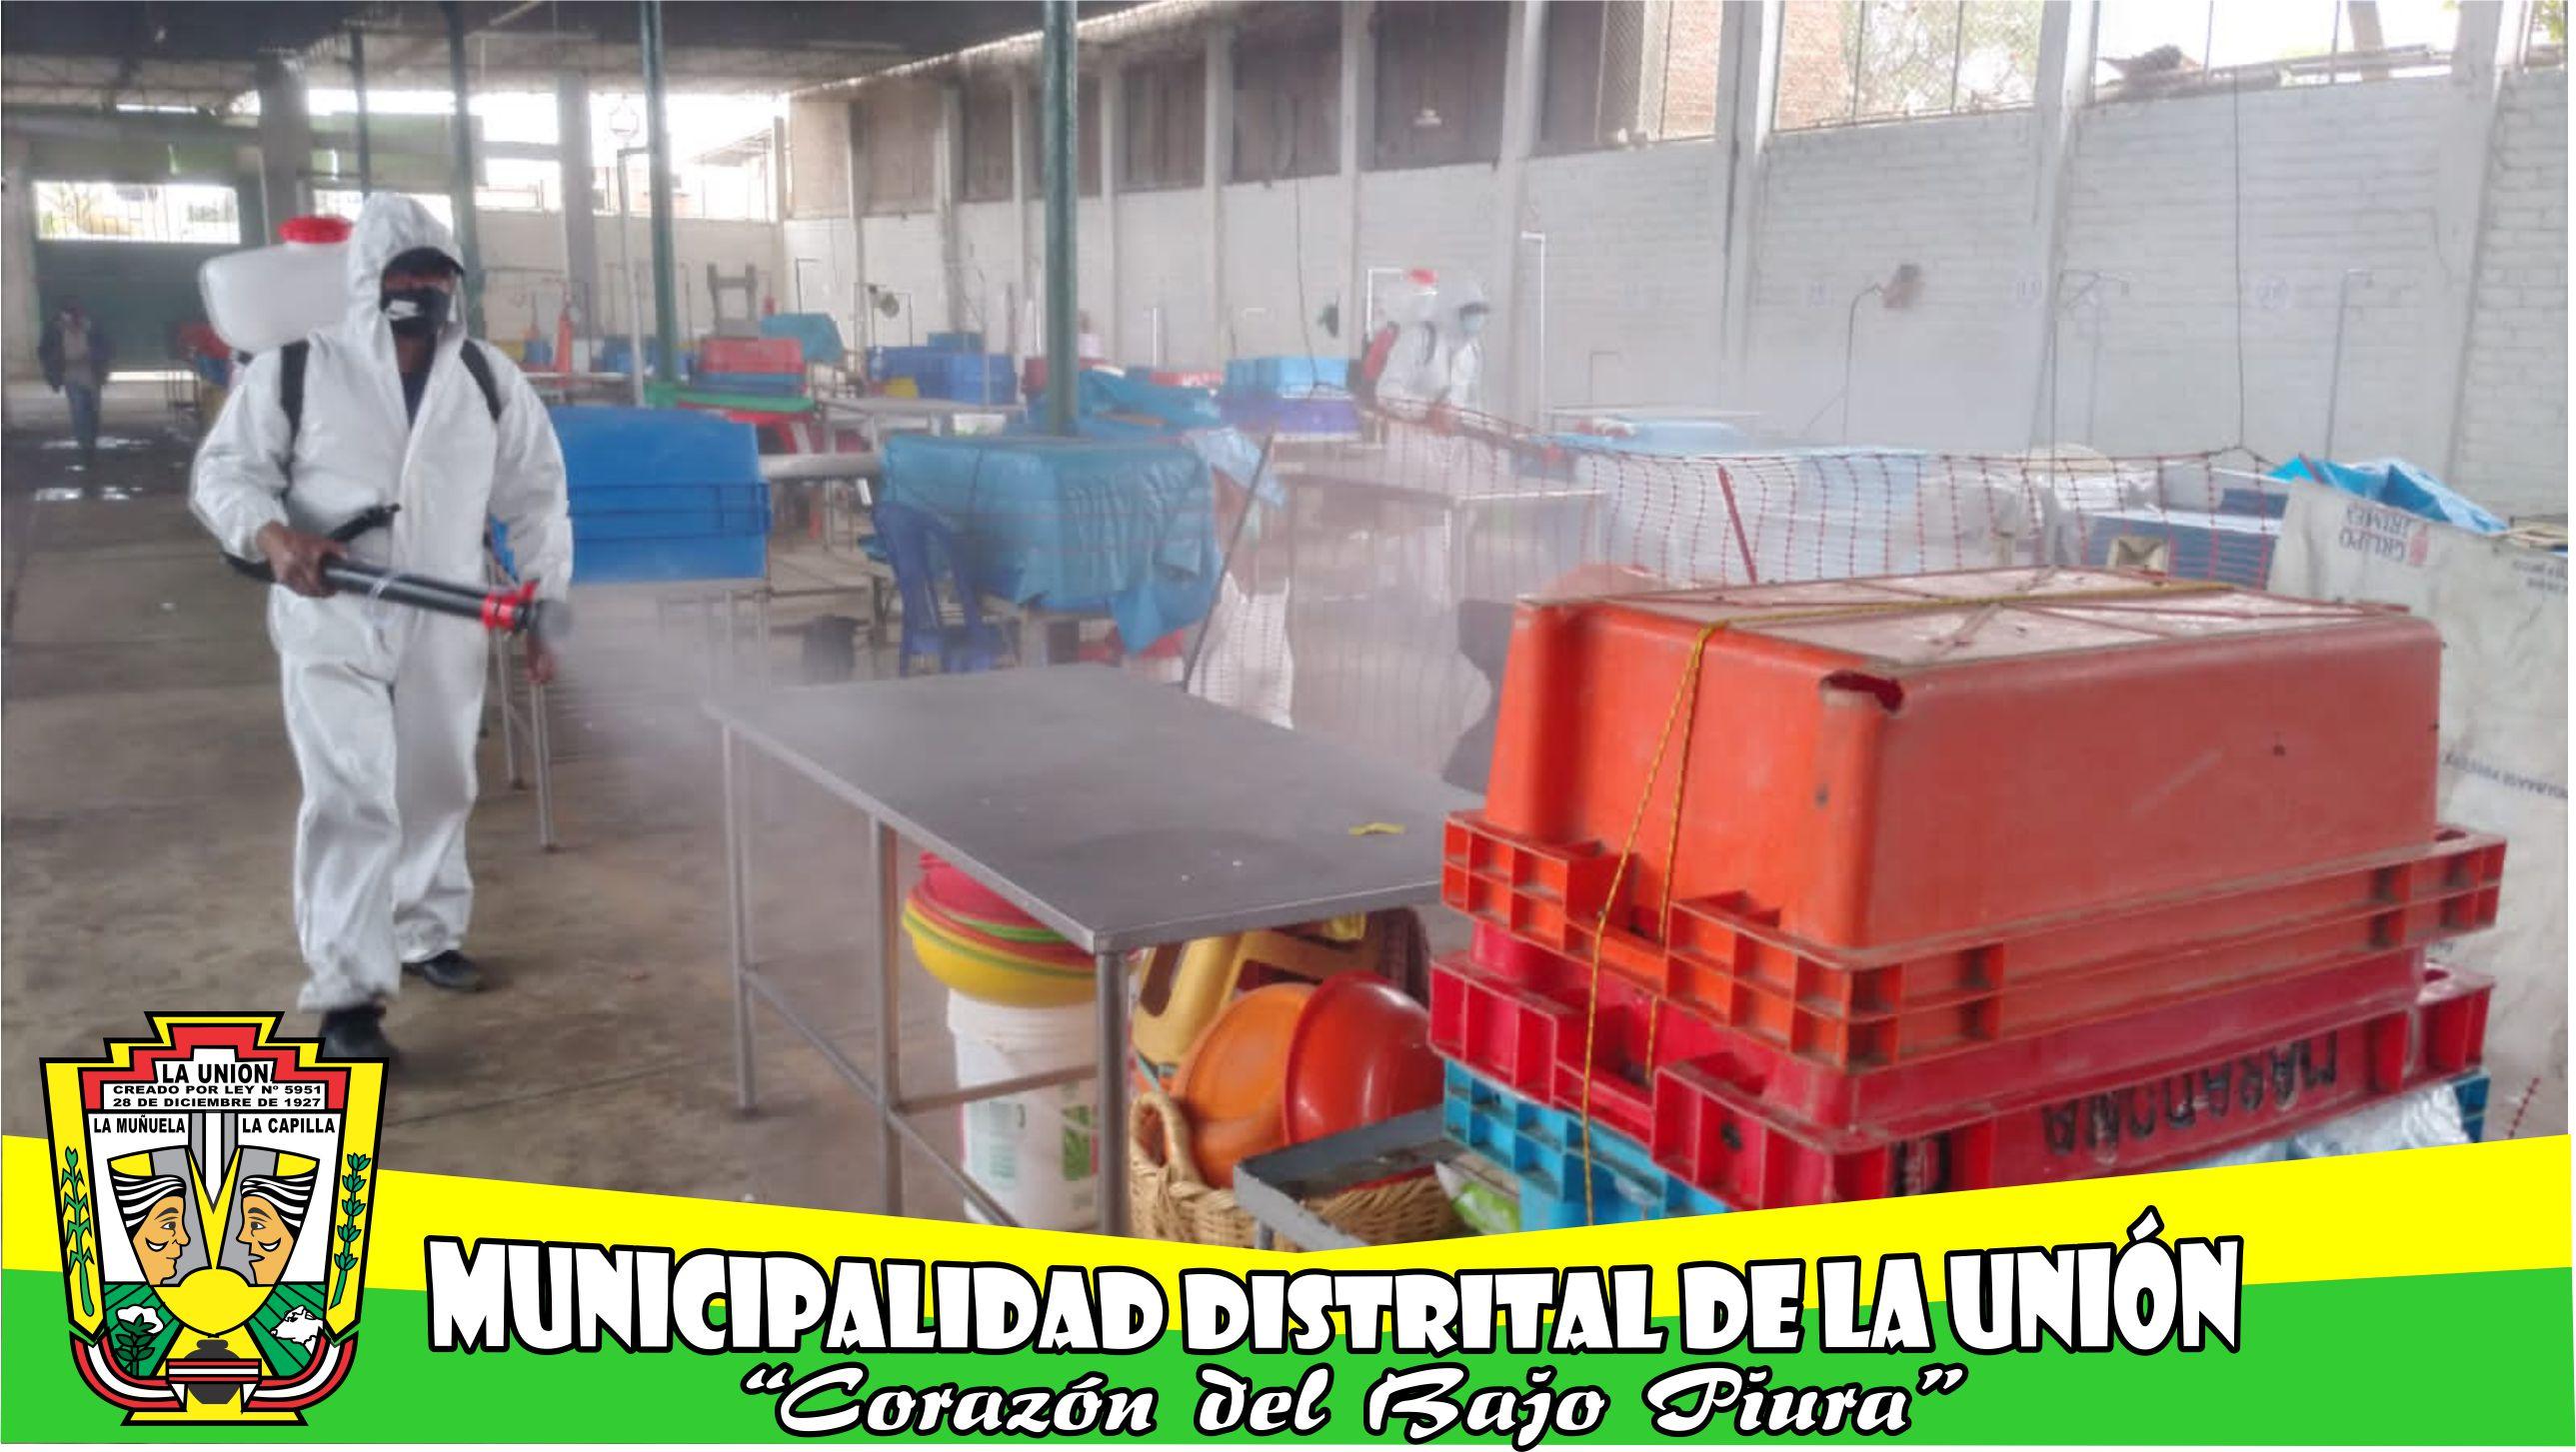 imagen_noticia